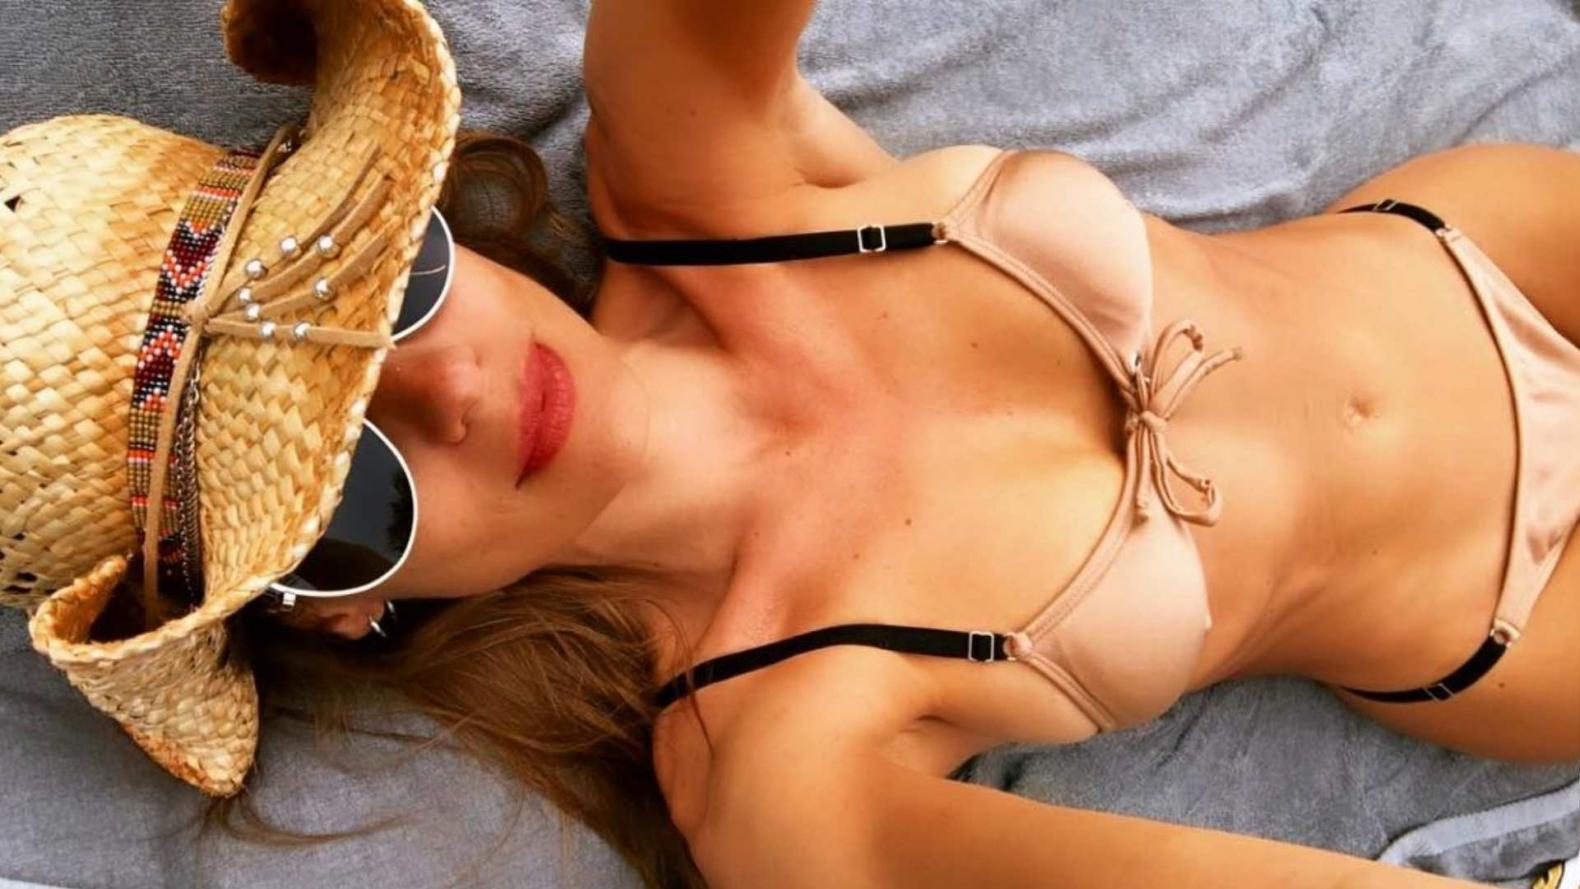 2019 profesional realmente cómodo cupón de descuento Adelanto de verano: Pampita mostró su